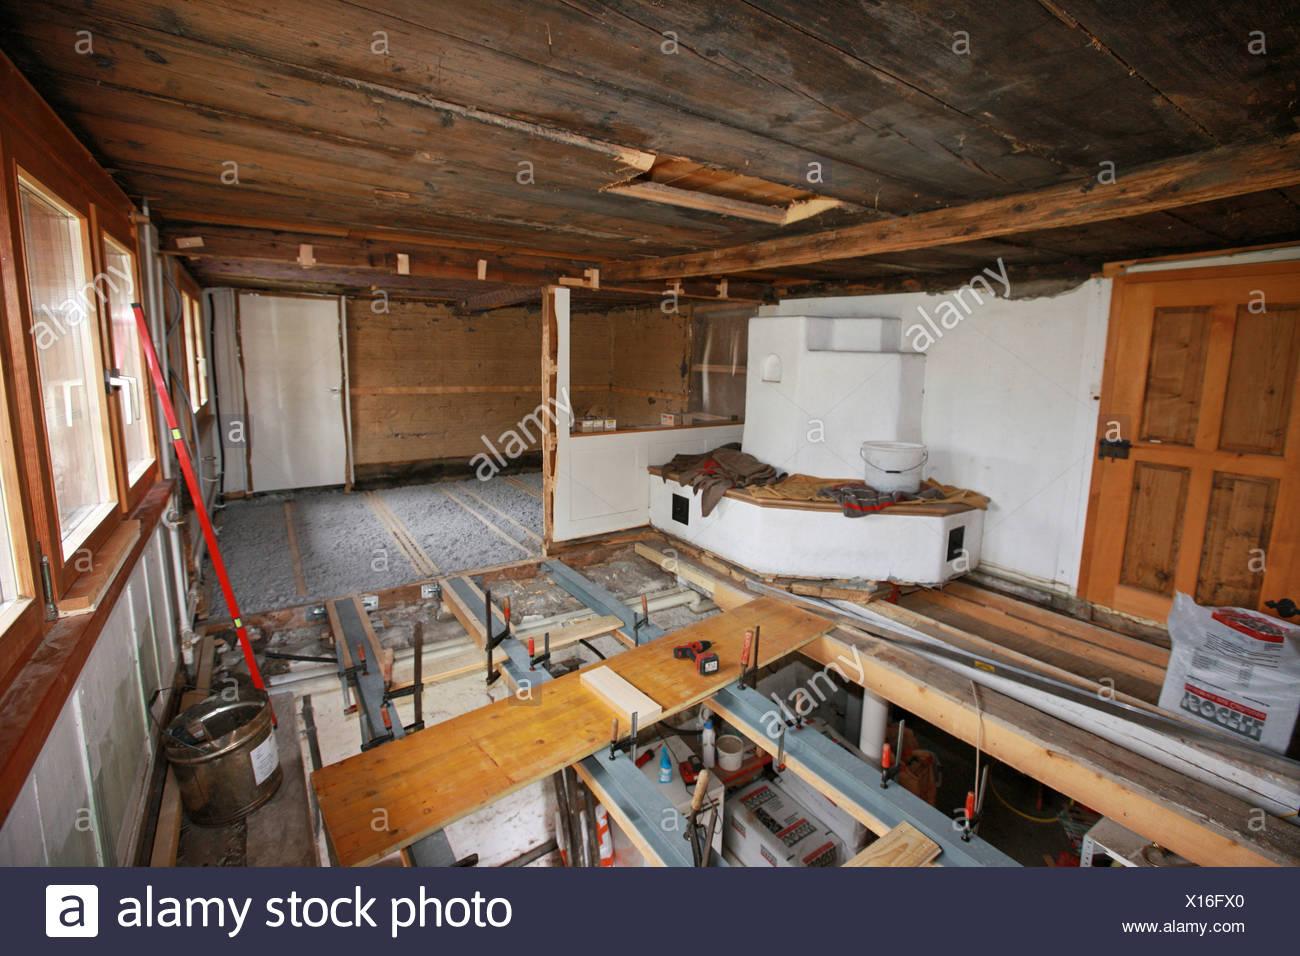 Suiza Europa Dentro De Suelos Interiores De Madera Antigua Casa